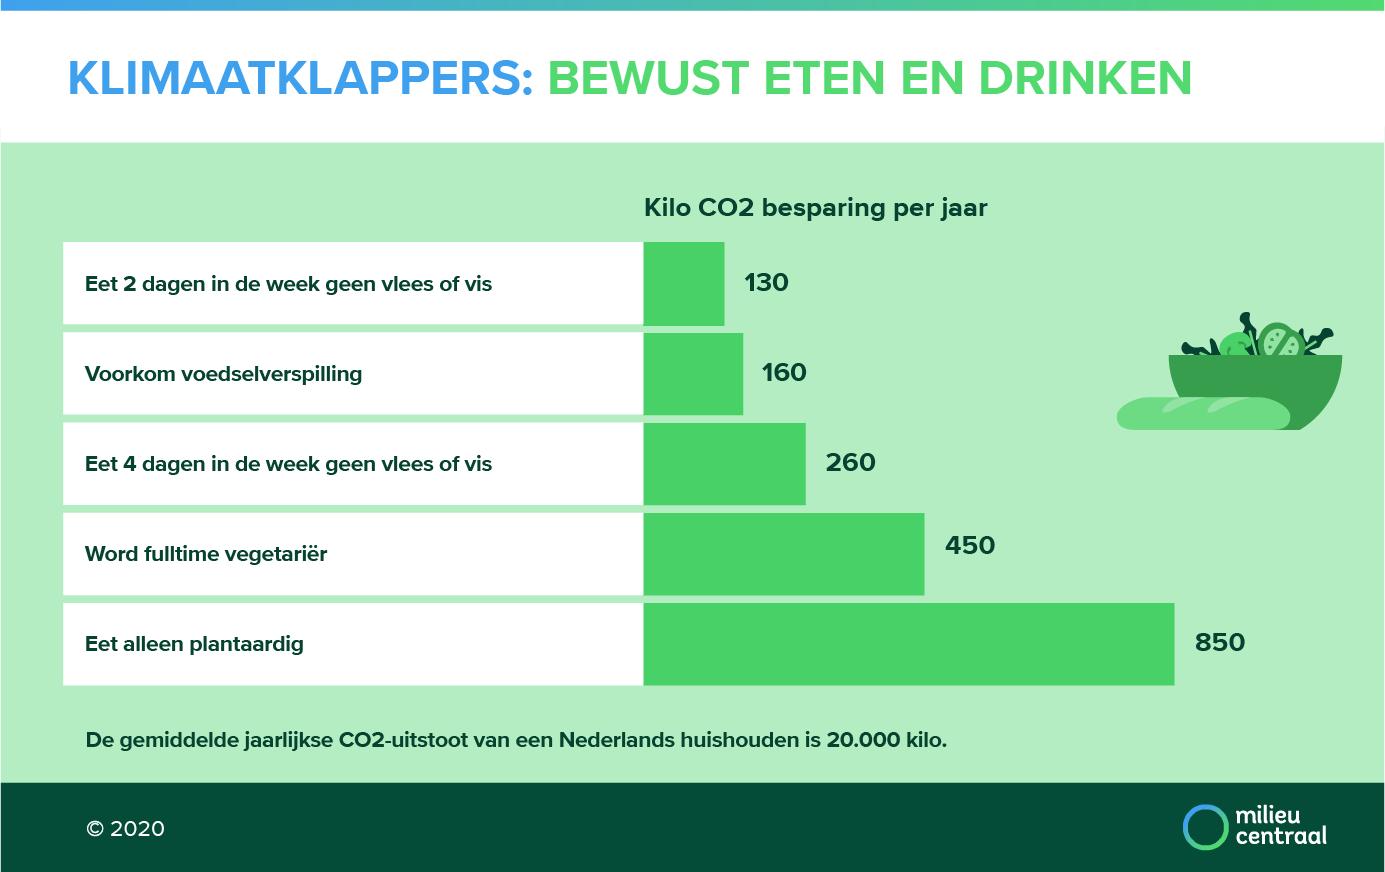 Co2-uitstoot verminderen door minder vlees te eten